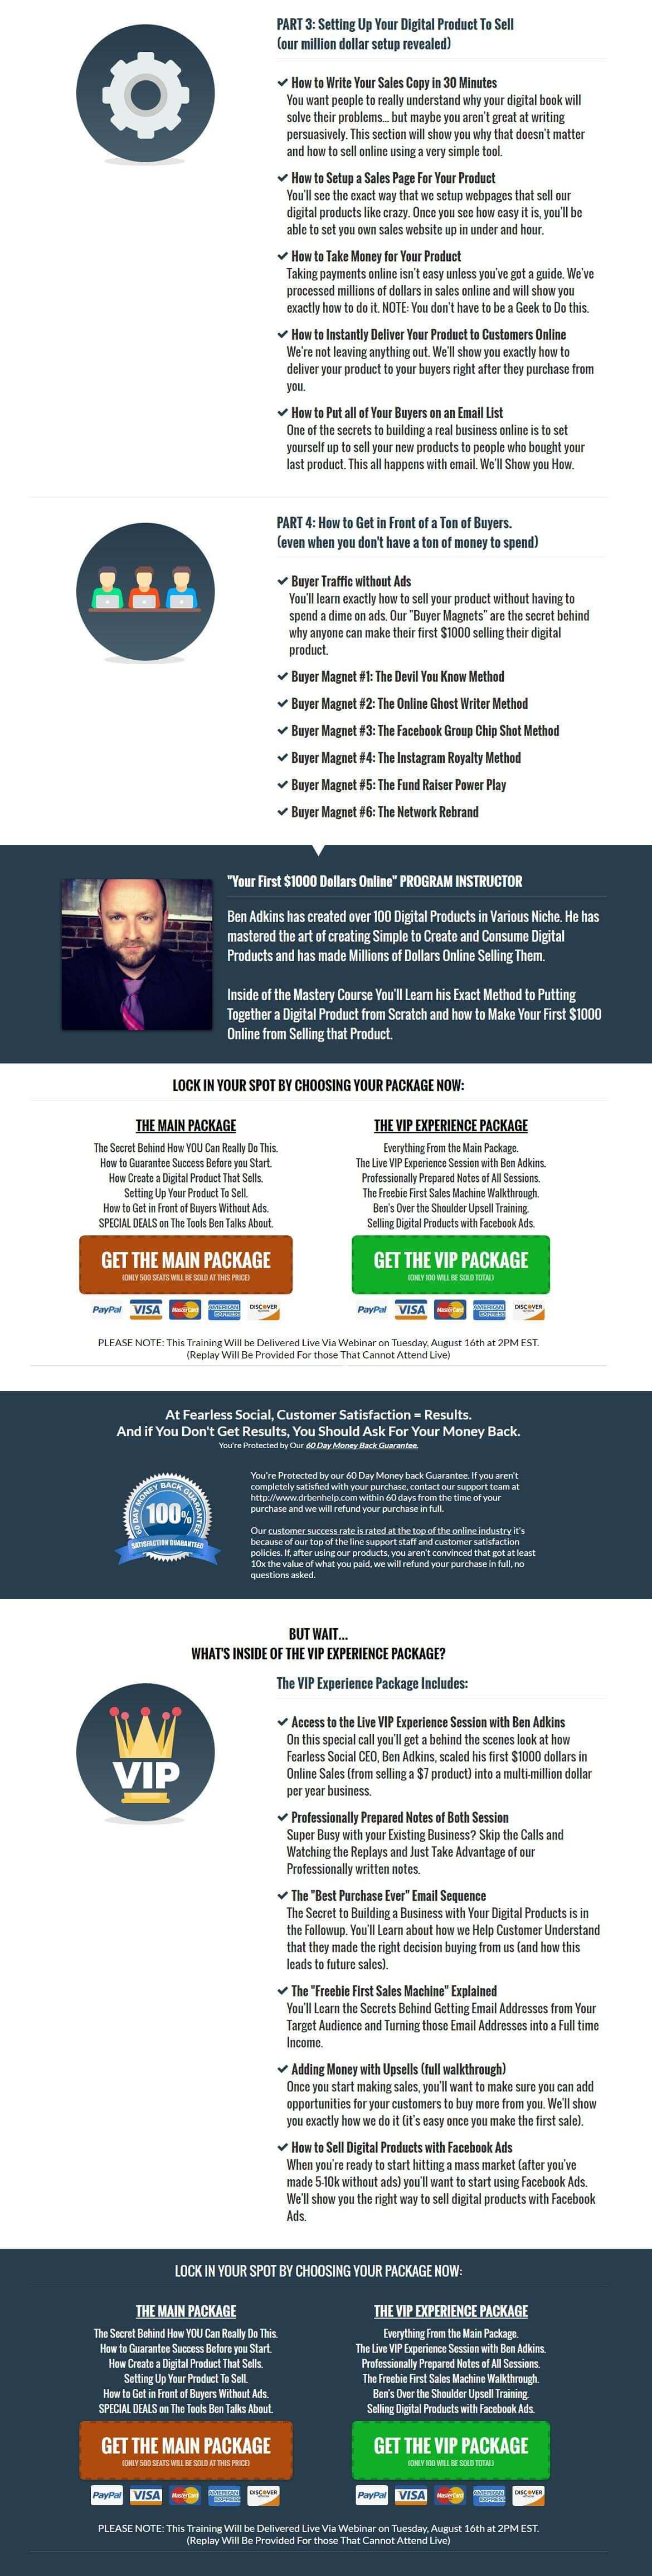 一步一步的策略,赚你的第一笔靠网络赚钱之$1000美元。(Ten Dollar Time Bombs)